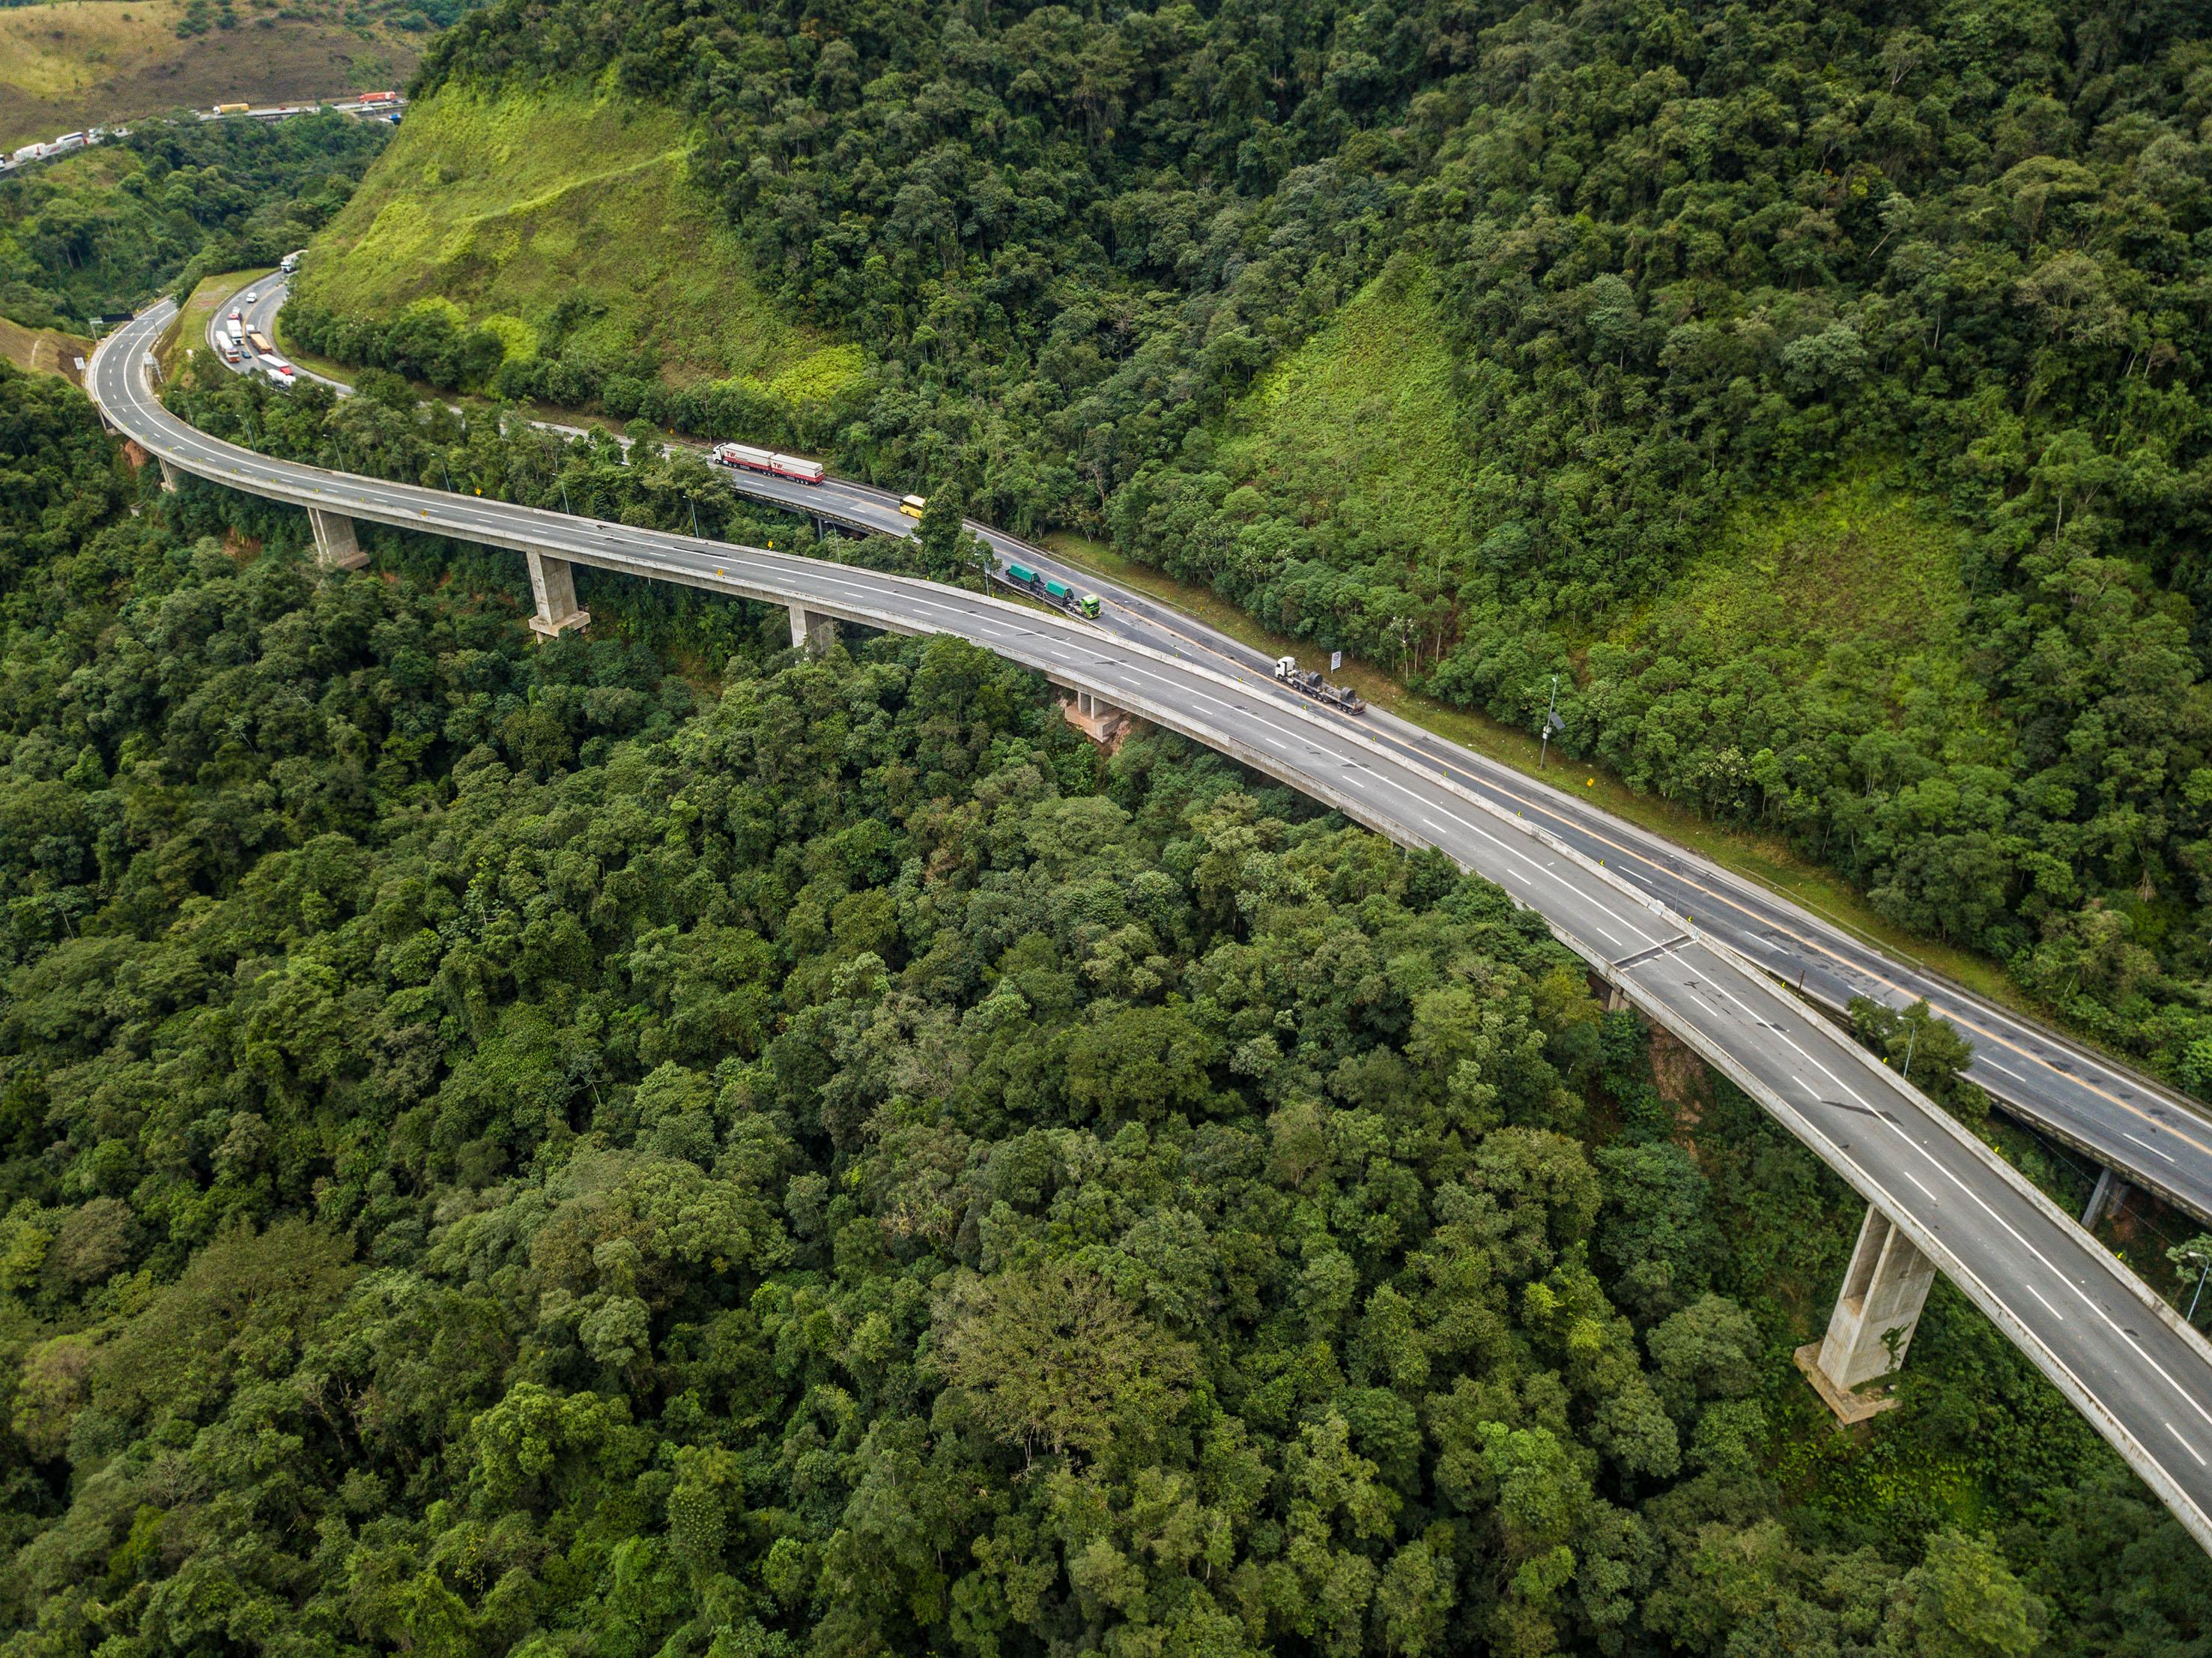 La filial de Abertis en Brasil concluye las obras de duplicación de la autopista Régis Bittencourt